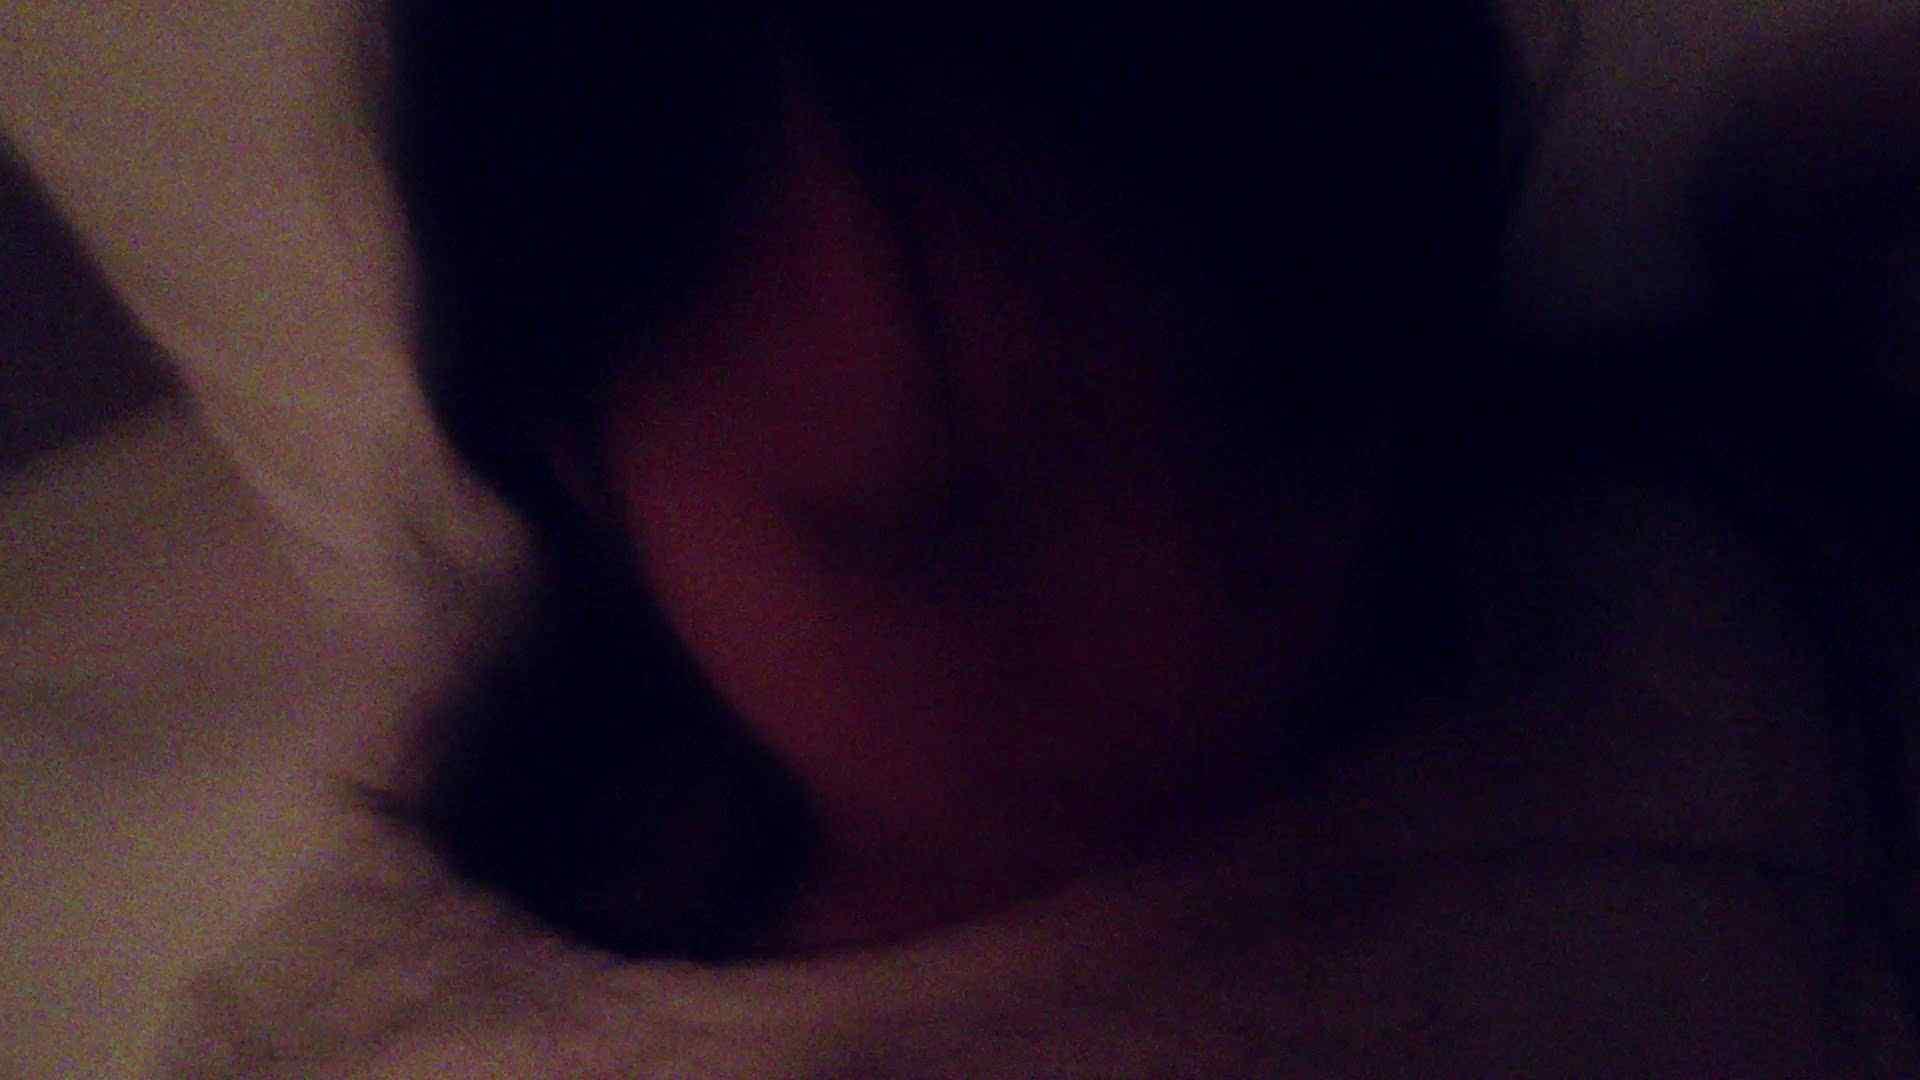 アダルトエロ動画|志穂さんに旦那様とのSEXを携帯で撮ってもらうように指示しました。|大奥